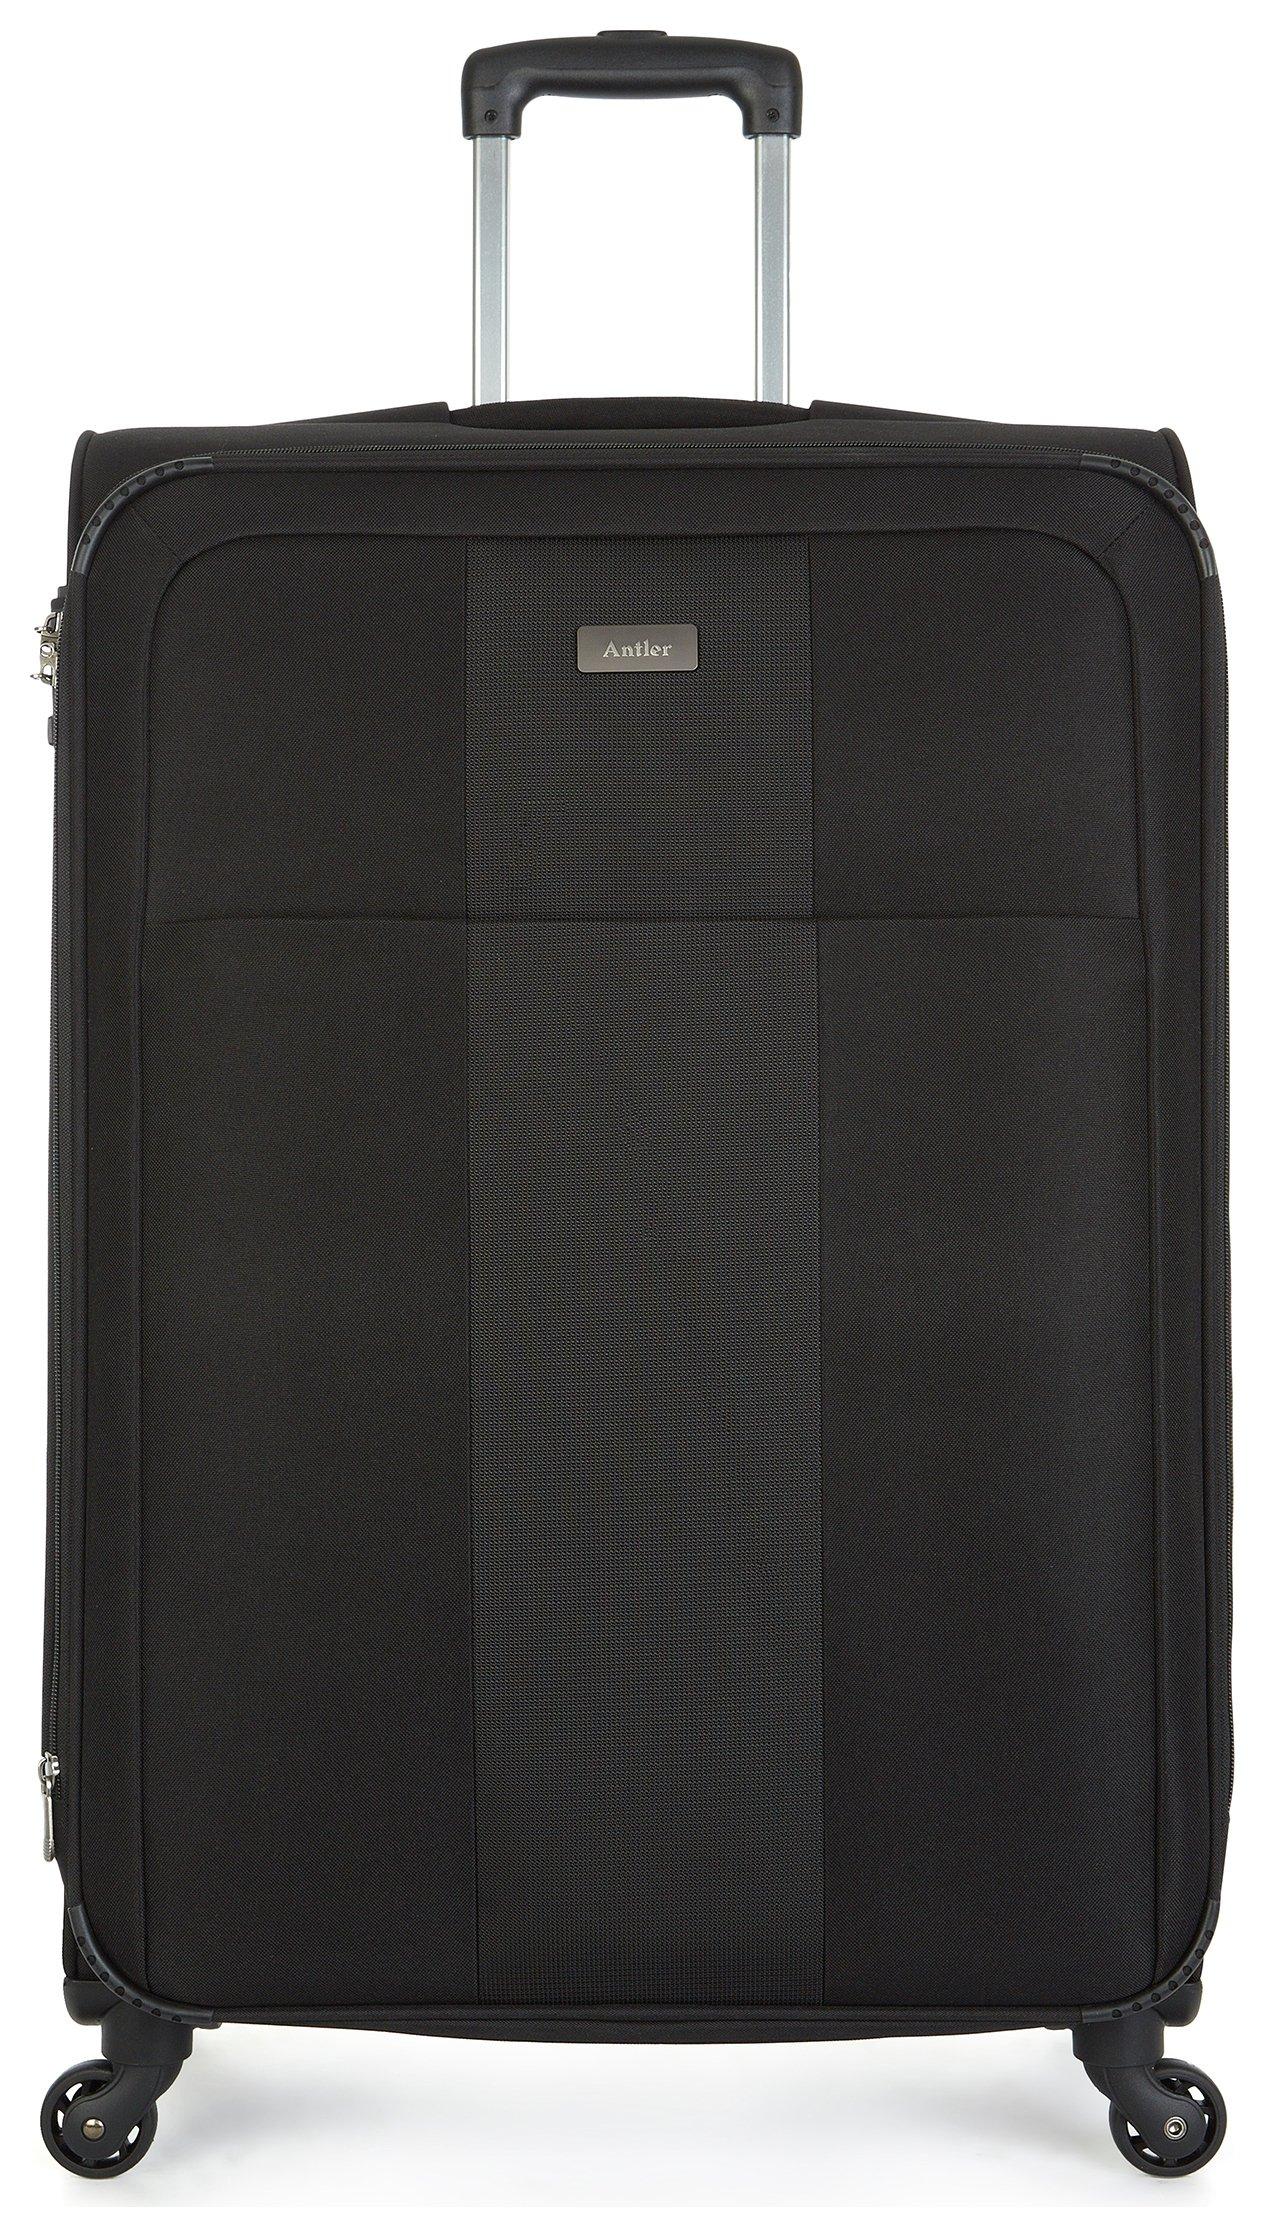 Image of Antler - Salisbury 4 Wheel Expandable Large Case - Black